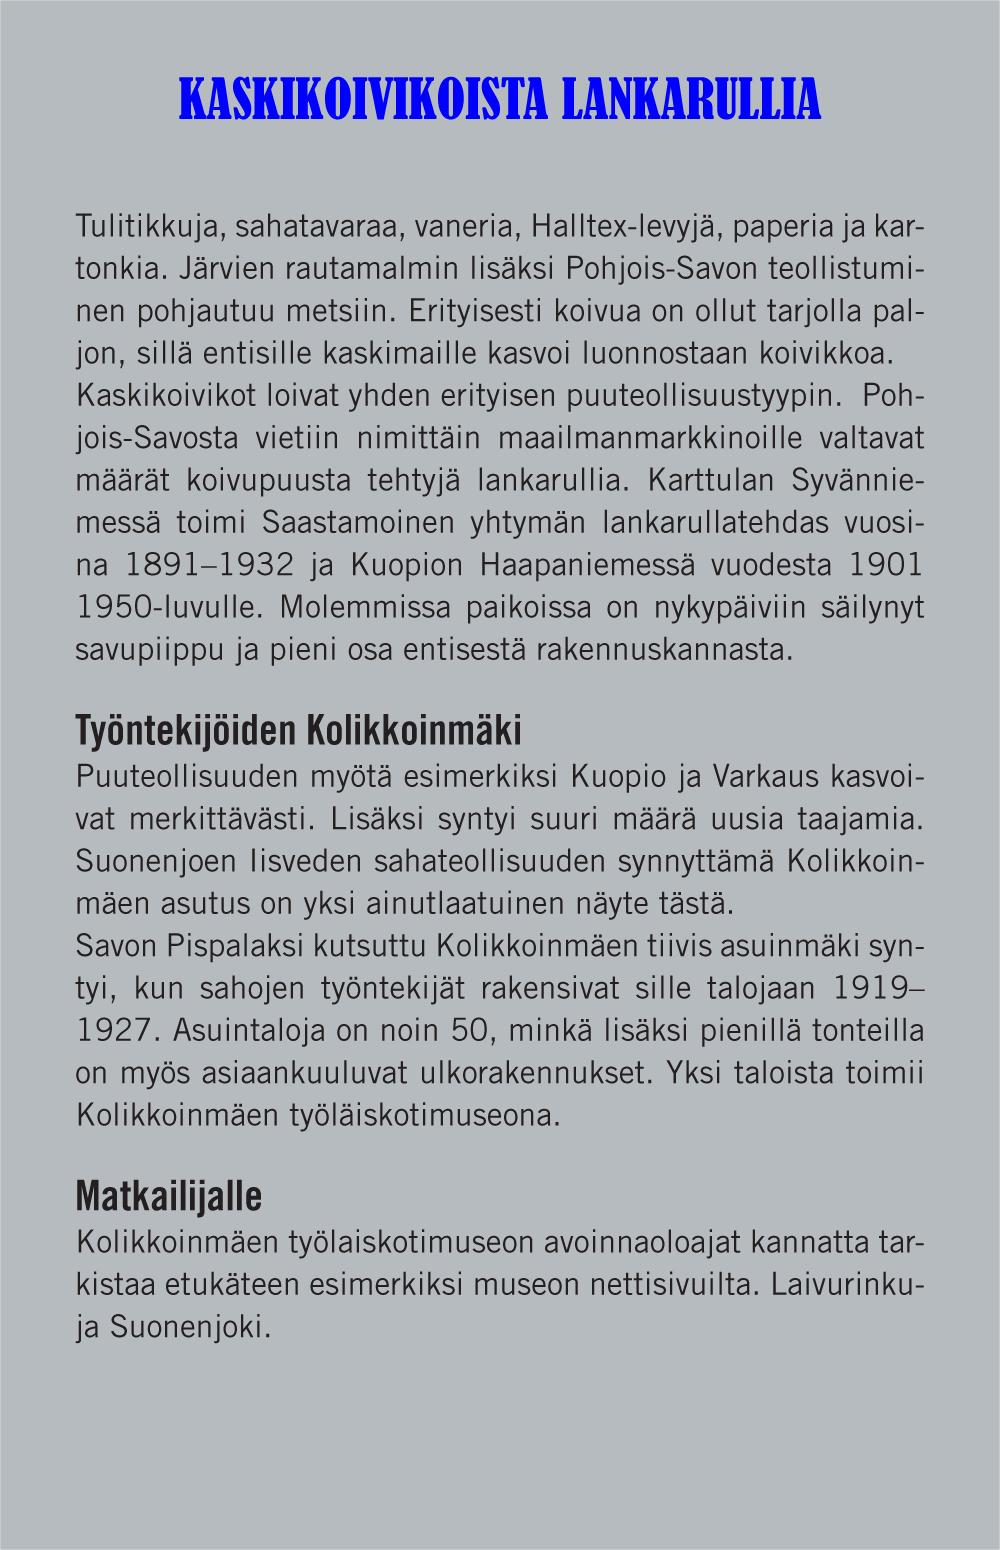 Kaskikoivikoista lankarullia (otsikko). Tulitikkuja, sahatavaraa, vaneria, Halltex-levyjä, paperia ja kartonkia. Järvien rautamalmin lisäksi Pohjois-Savon teollistuminen pohjautuu metsiin. Erityisesti koivua on ollut tarjolla paljon, sillä entisille kaskimaille kasvoi luonnostaan koivikkoa. Kaskikoivikot loivat yhden erityisen puuteollisuustyypin. Pohjois-Savosta vietiin nimittäin maailmanmarkkinoille valtavat määrät koivupuusta tehtyjä lankarullia. Karttulan Syvänniemessä toimi Saastamoinen yhtymän lankarullatehdas vuosina 1891-1932 ja Kuopion Haapaniemessä vuodesta 1901 1950-luvulle. Molemmissa paikoissa on nykypäiviin säilynyt savupiippu ja pieni osa entisestä rakennuskannasta. Työntekijöiden Kolikkoinmäki (väliotsikko). Puuteollisuuden myötä esimerkiksi Kuopio ja Varkaus kasvoivat merkittävästi. Lisäksi syntyi suuri määrä uusia taajamia. Suonenjoen lisäksi syntyi suuri määrä uusia taajamia. Suonenjoen ja Iisveden sahateollisuuden synnyttämä Kolikkoinmäen asutus on yksi ainutlaatuinen näyte tästä. Savon Piispalaksi kutsuttu Kolikkoinmäen tiivis asuinmäki syntyi, kun sahojen työntekijät rakensivat sille talojaan 1919-1927. Asuintaloja on noin 50, minkä lisäksi pienillä tonteilla on myös asiaankuuluvat ulkorakennukset. Yksi taloista toimii Kolikkoinmäen työläiskotimuseona. Matkailijalle (väliotsikko): Kolikkoinmäen työläiskotimuseon avoinnaoloajat kannattaa tarkistaa etukäteen esimerkiksi museon nettisivuilta. Laivurinkuja, Suonenjoki.